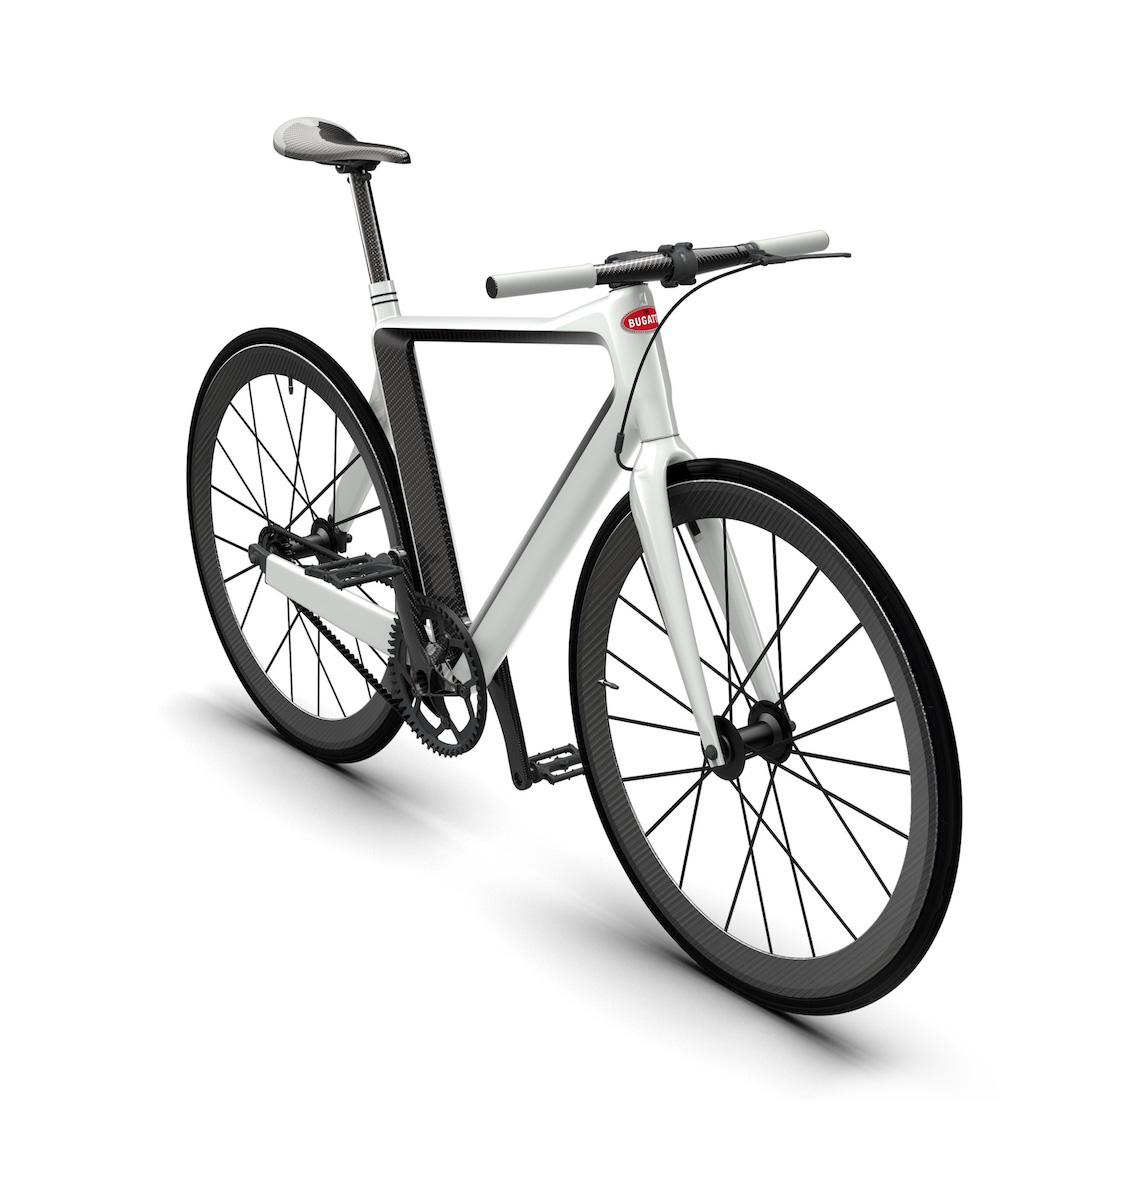 PG x Bugatti urban_bike_urbancycling_5